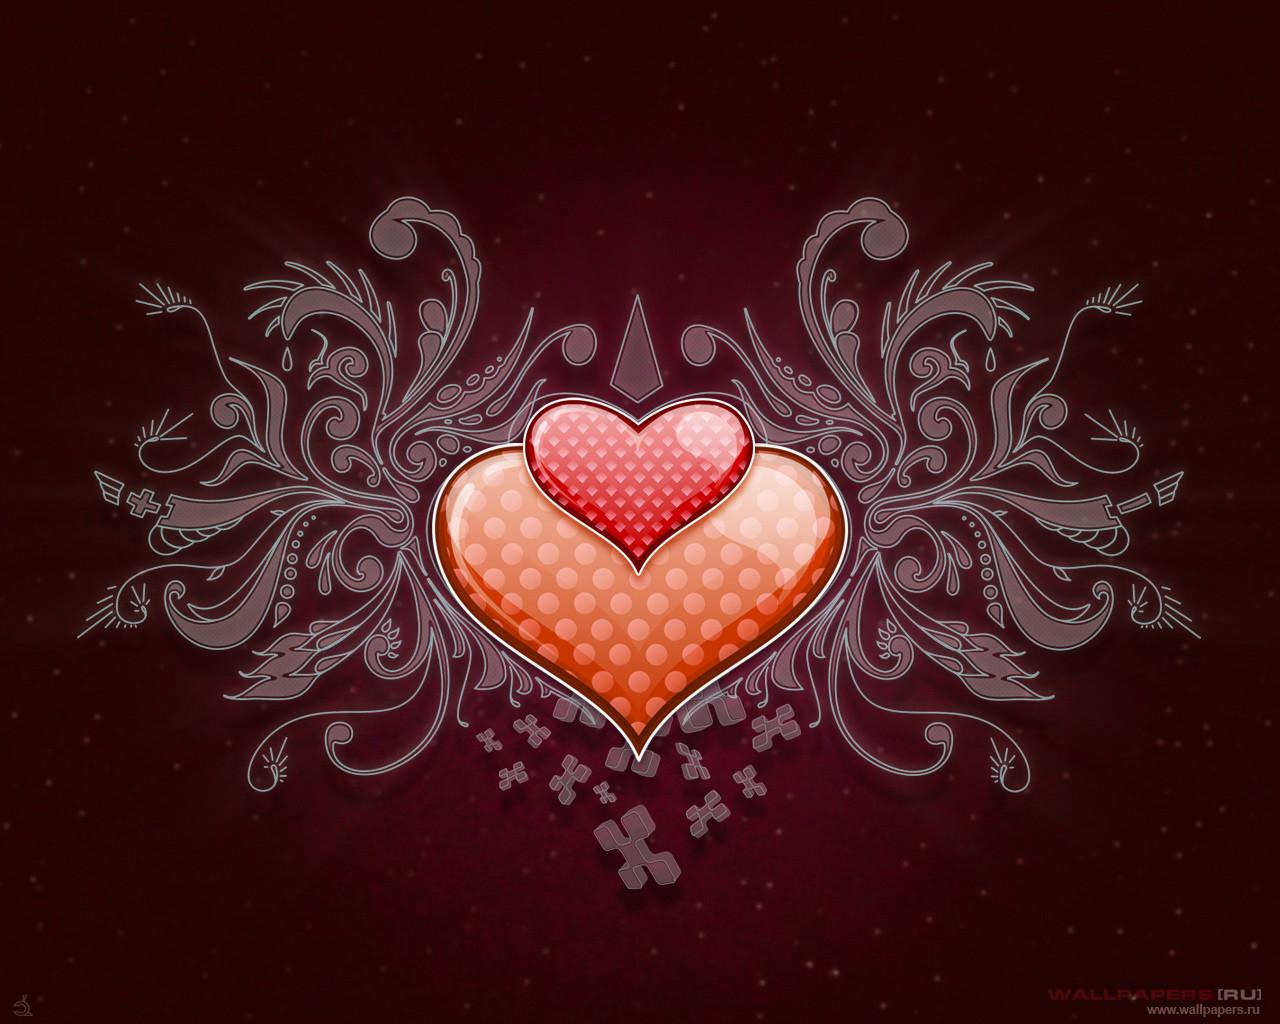 сердца, hearts wallpapers, скачать фото, обои для рабочего стола